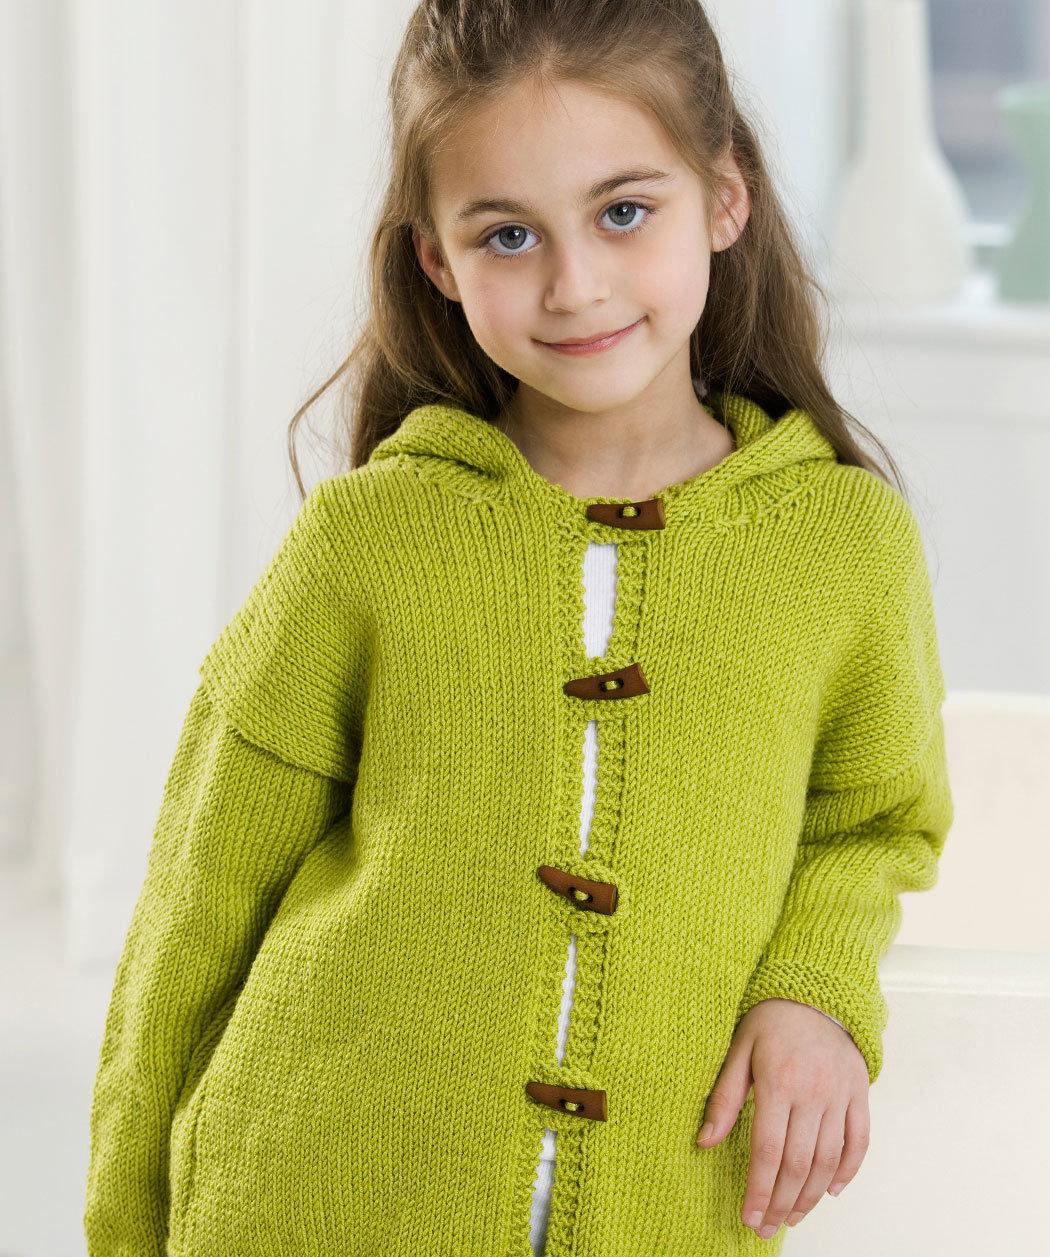 Все о вязании: Вязать Крючком Теплой Кофты Для Девочки 4